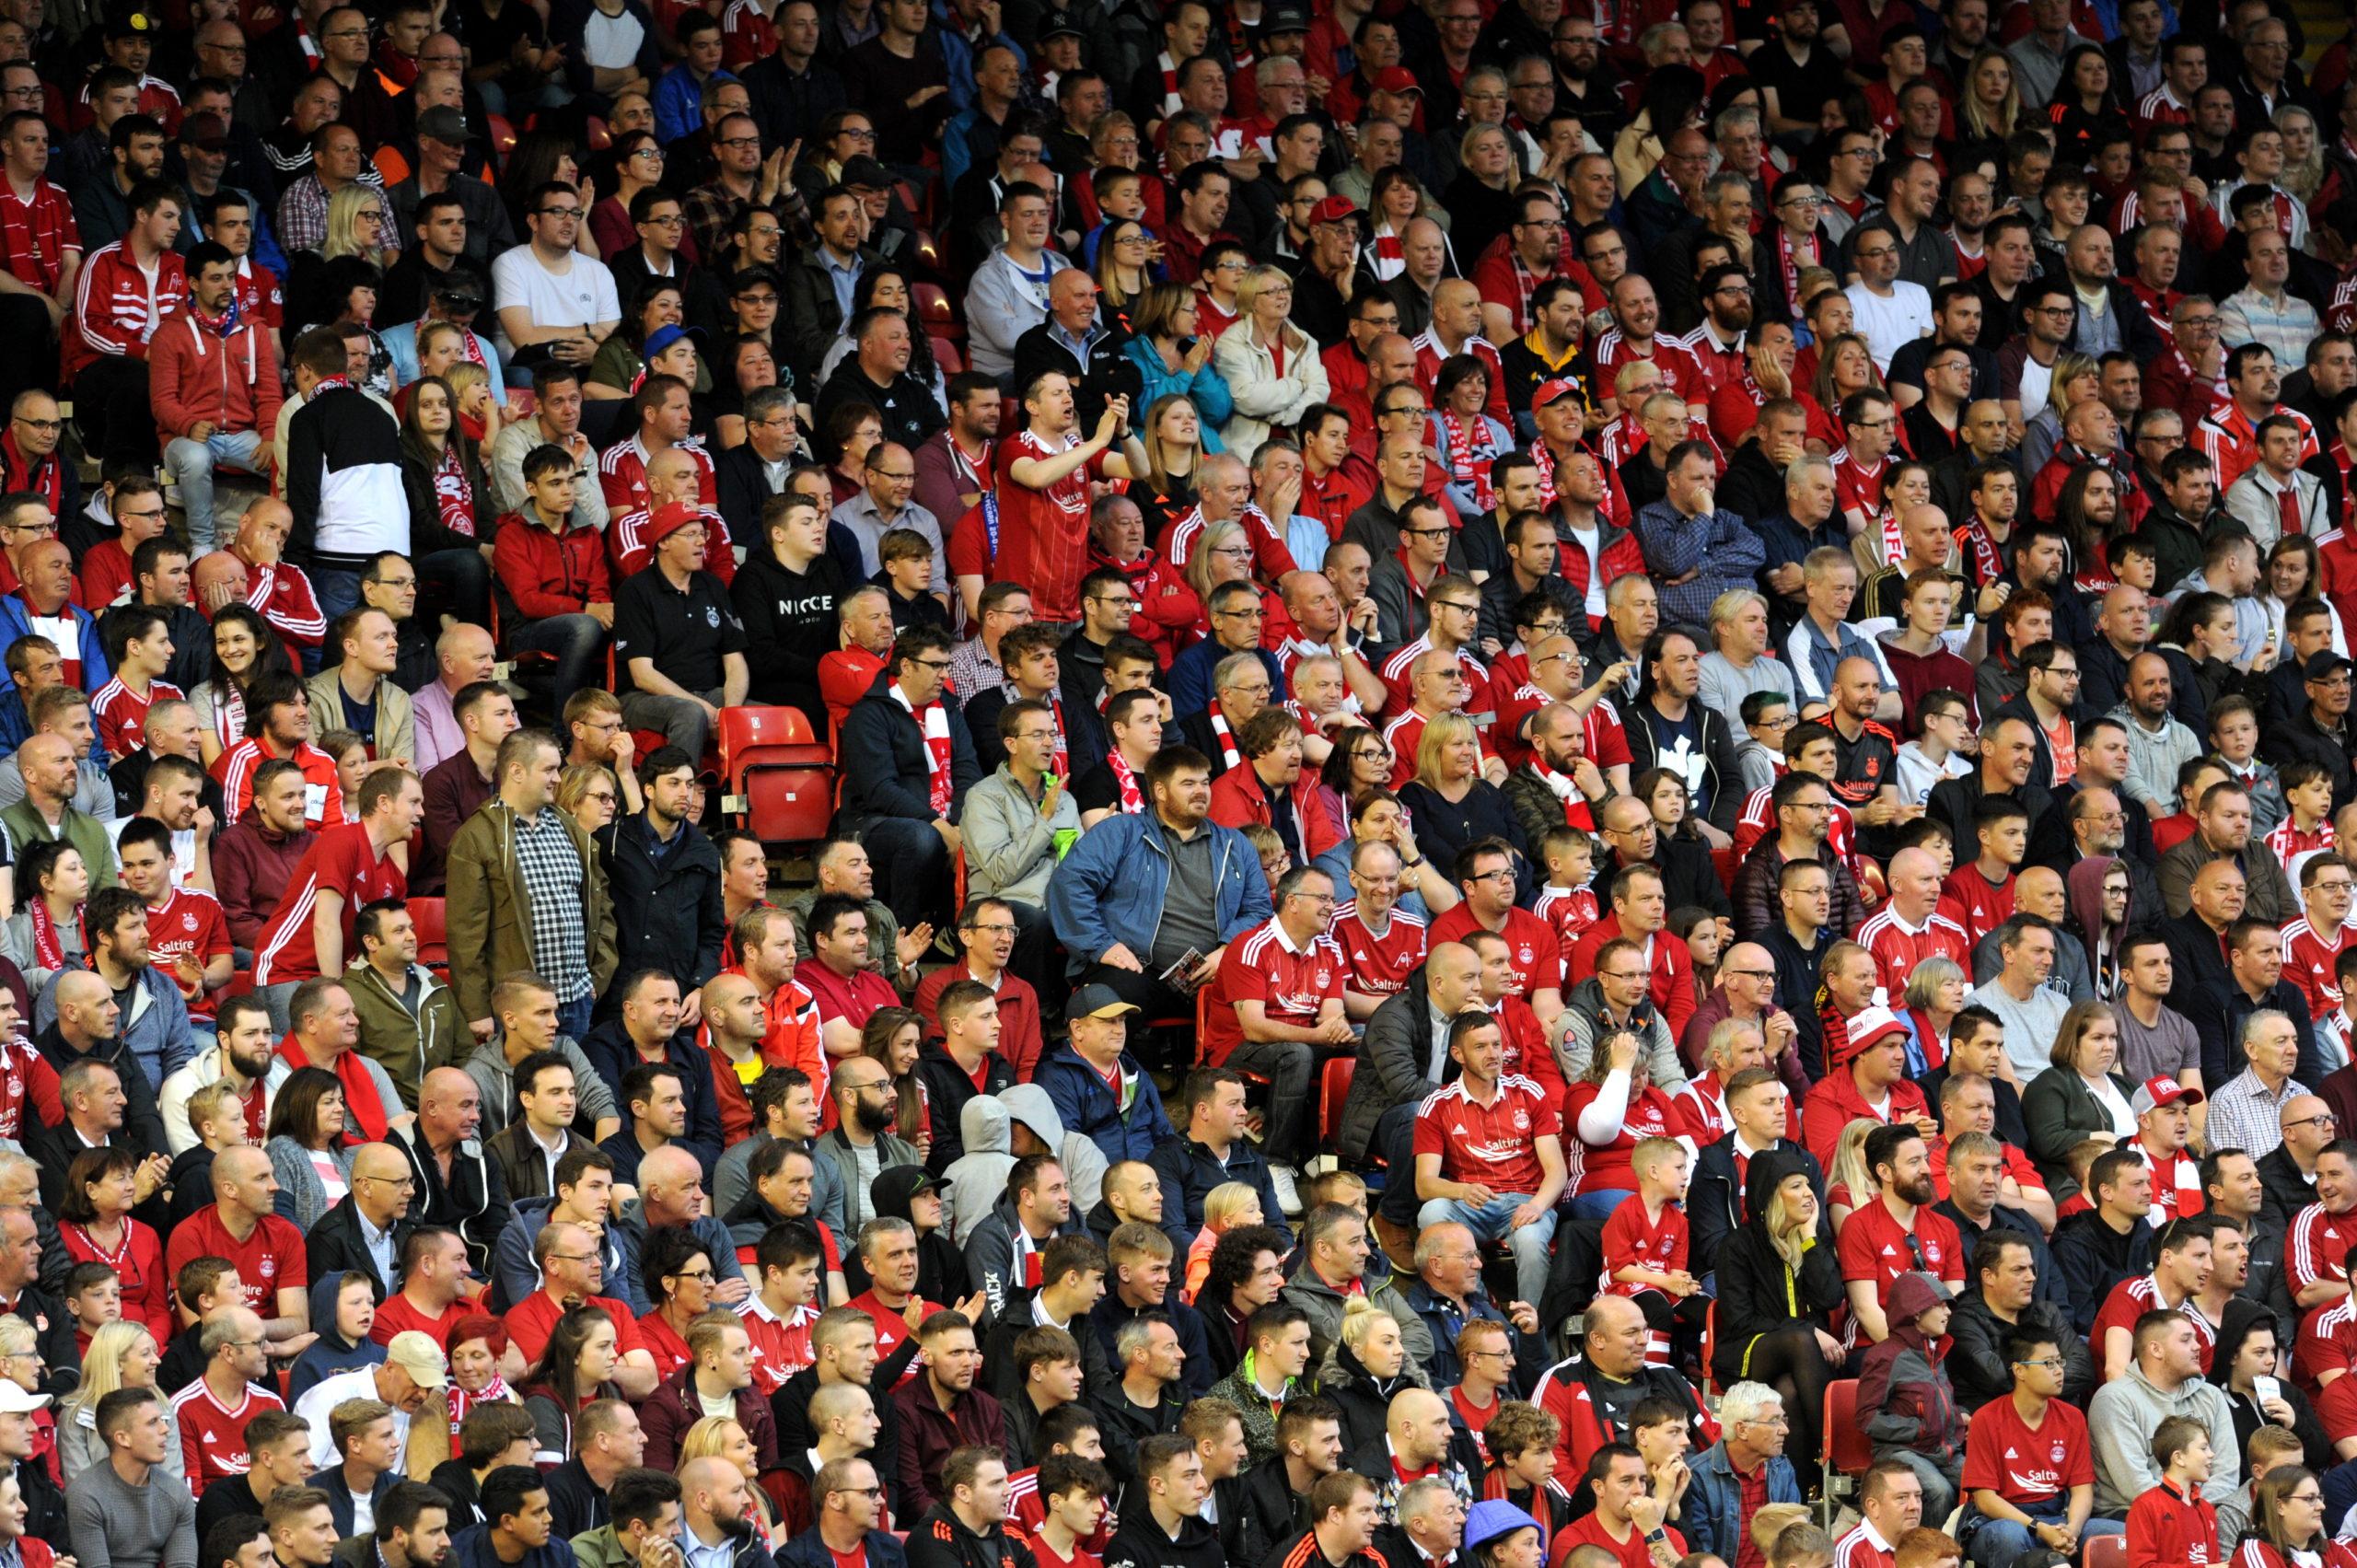 Dons fanzine The Red Final will buy a season ticket for one lucky Aberdeen fan